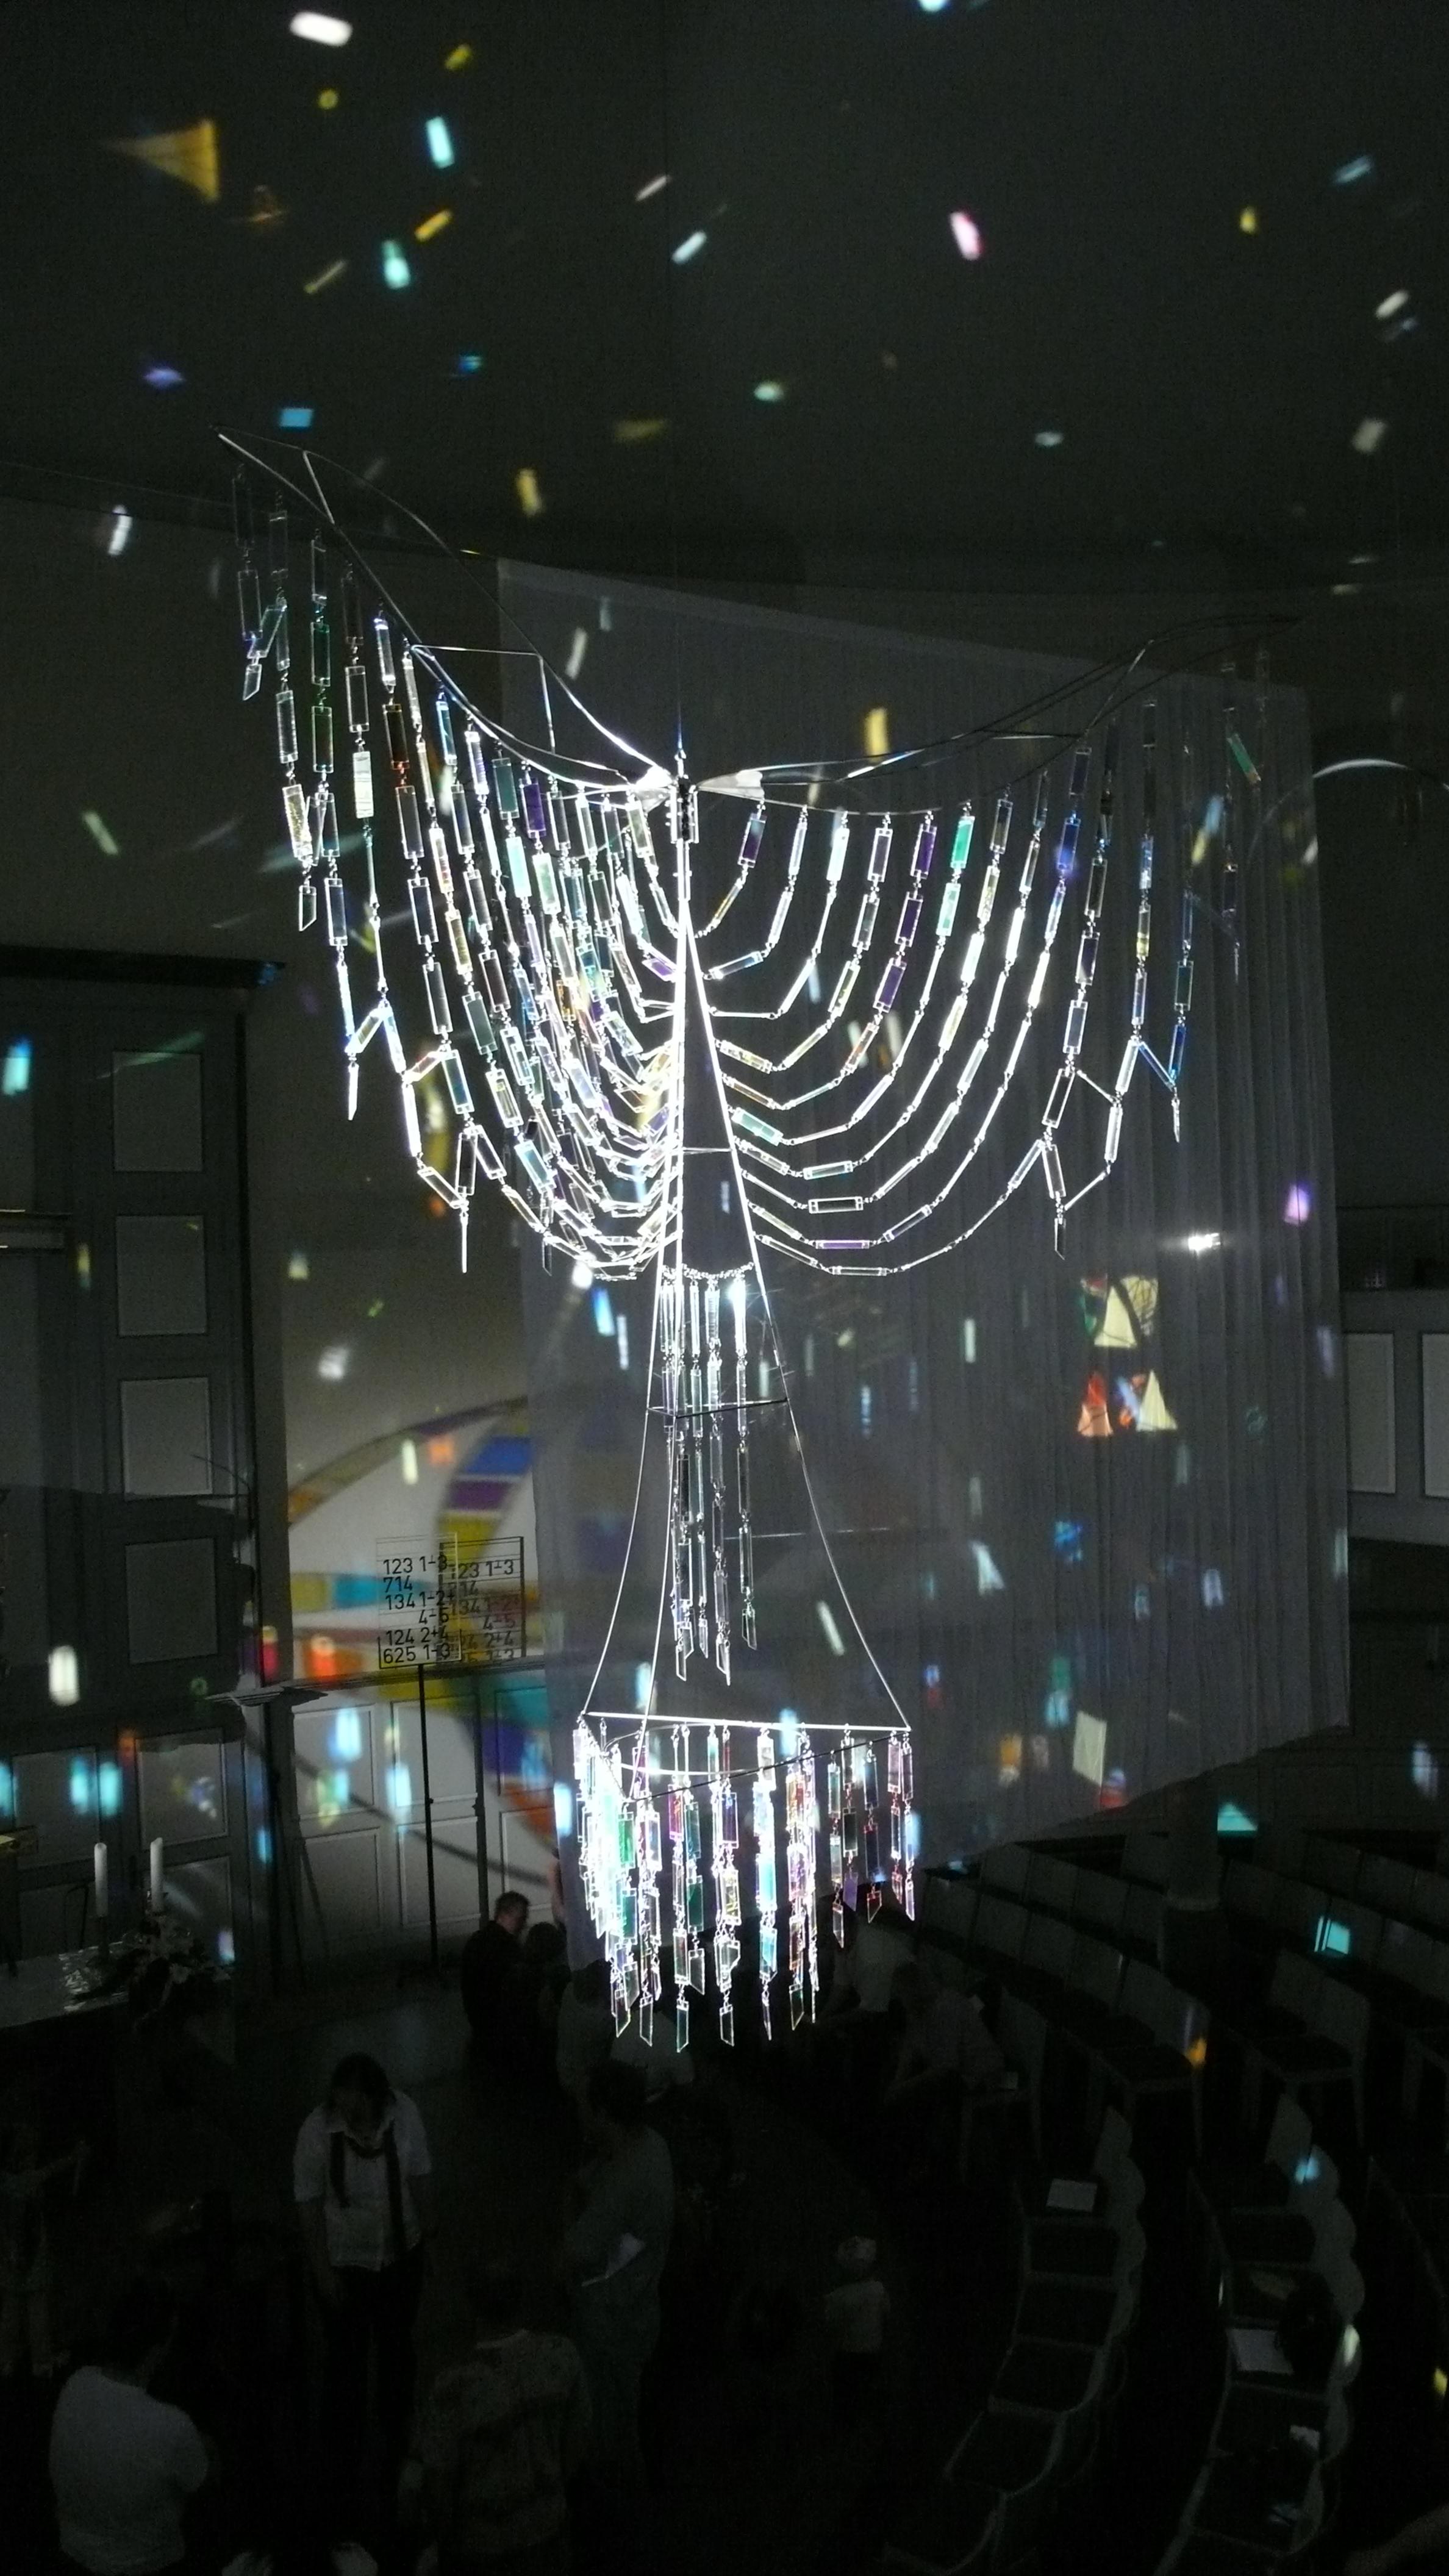 Ausgezeichnet Installieren Sie Können Lichter In Vorhandene Decke ...